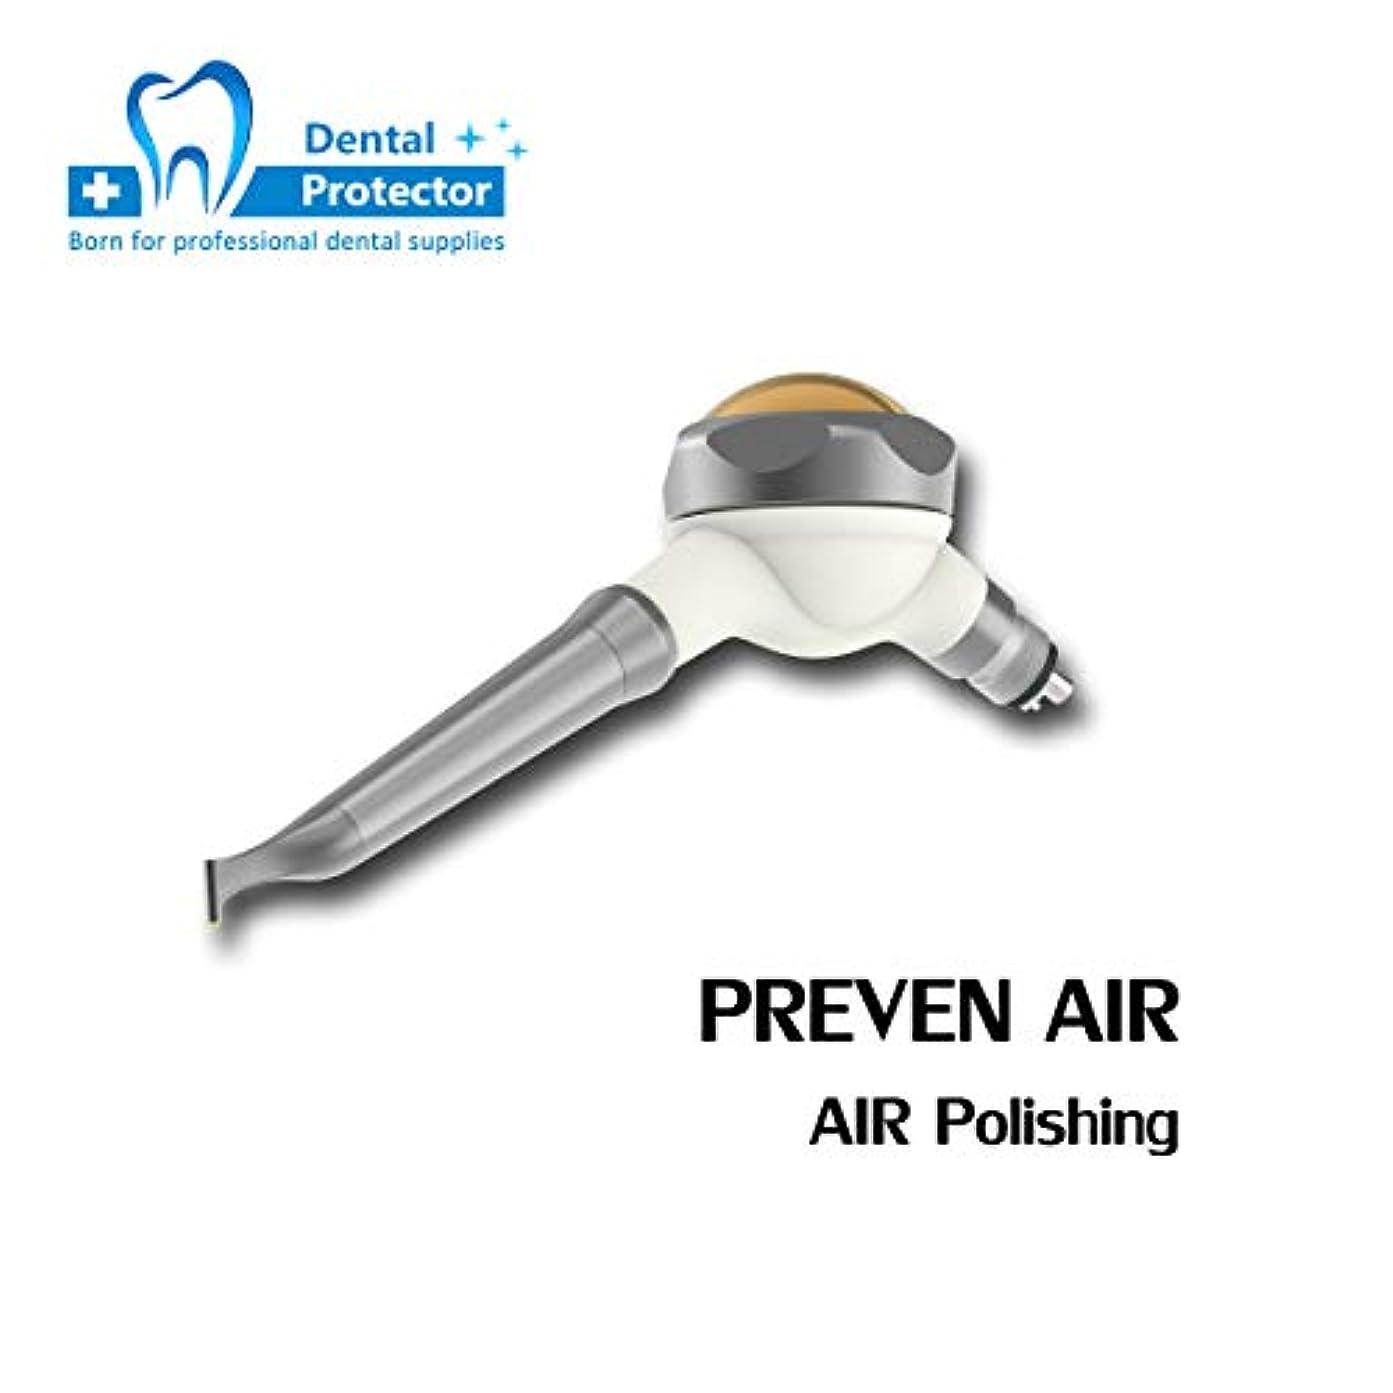 時計鉱石聴覚障害者歯科のためのKAVO及びM4と互換性がある3H予防的な気流の歯の磨く機械衛生学Prophy